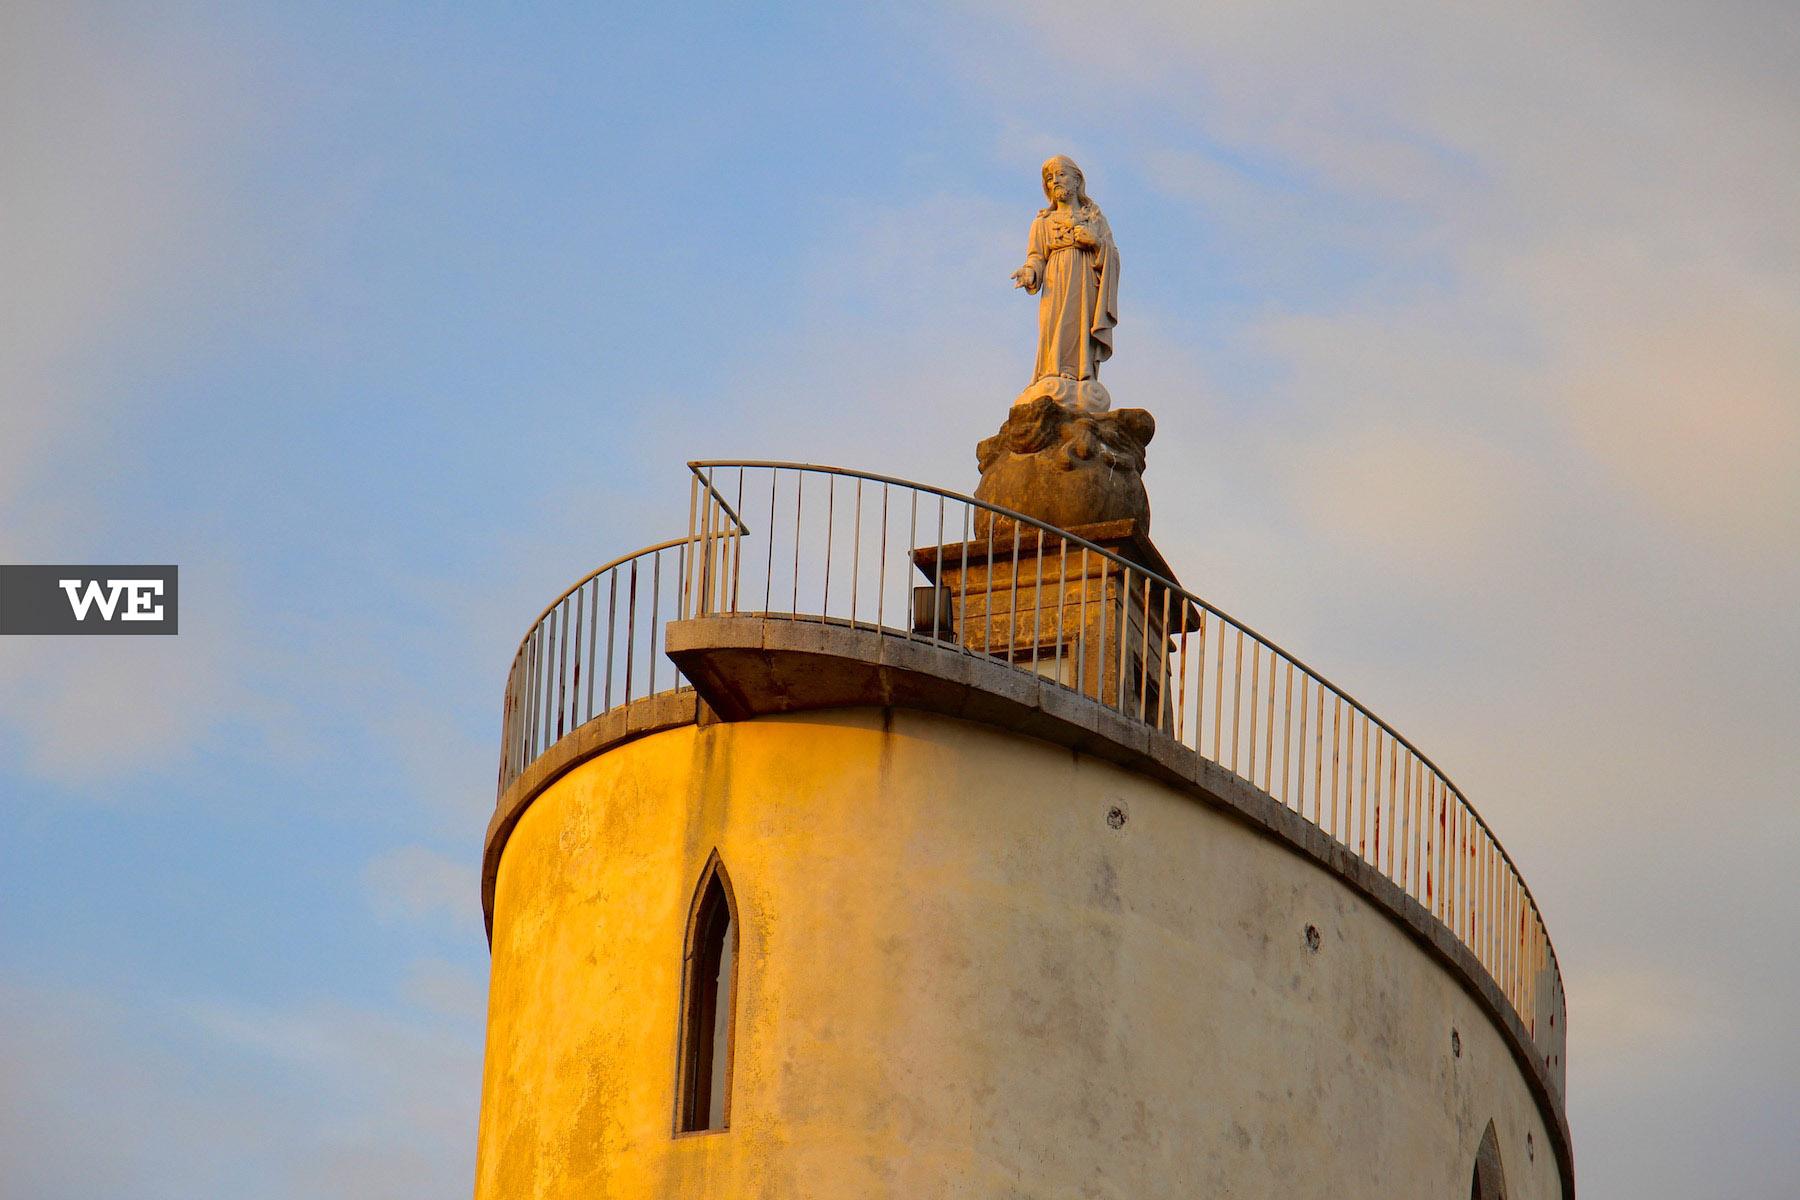 we-braga-miradouro-sagrado-coracao-jesus-3